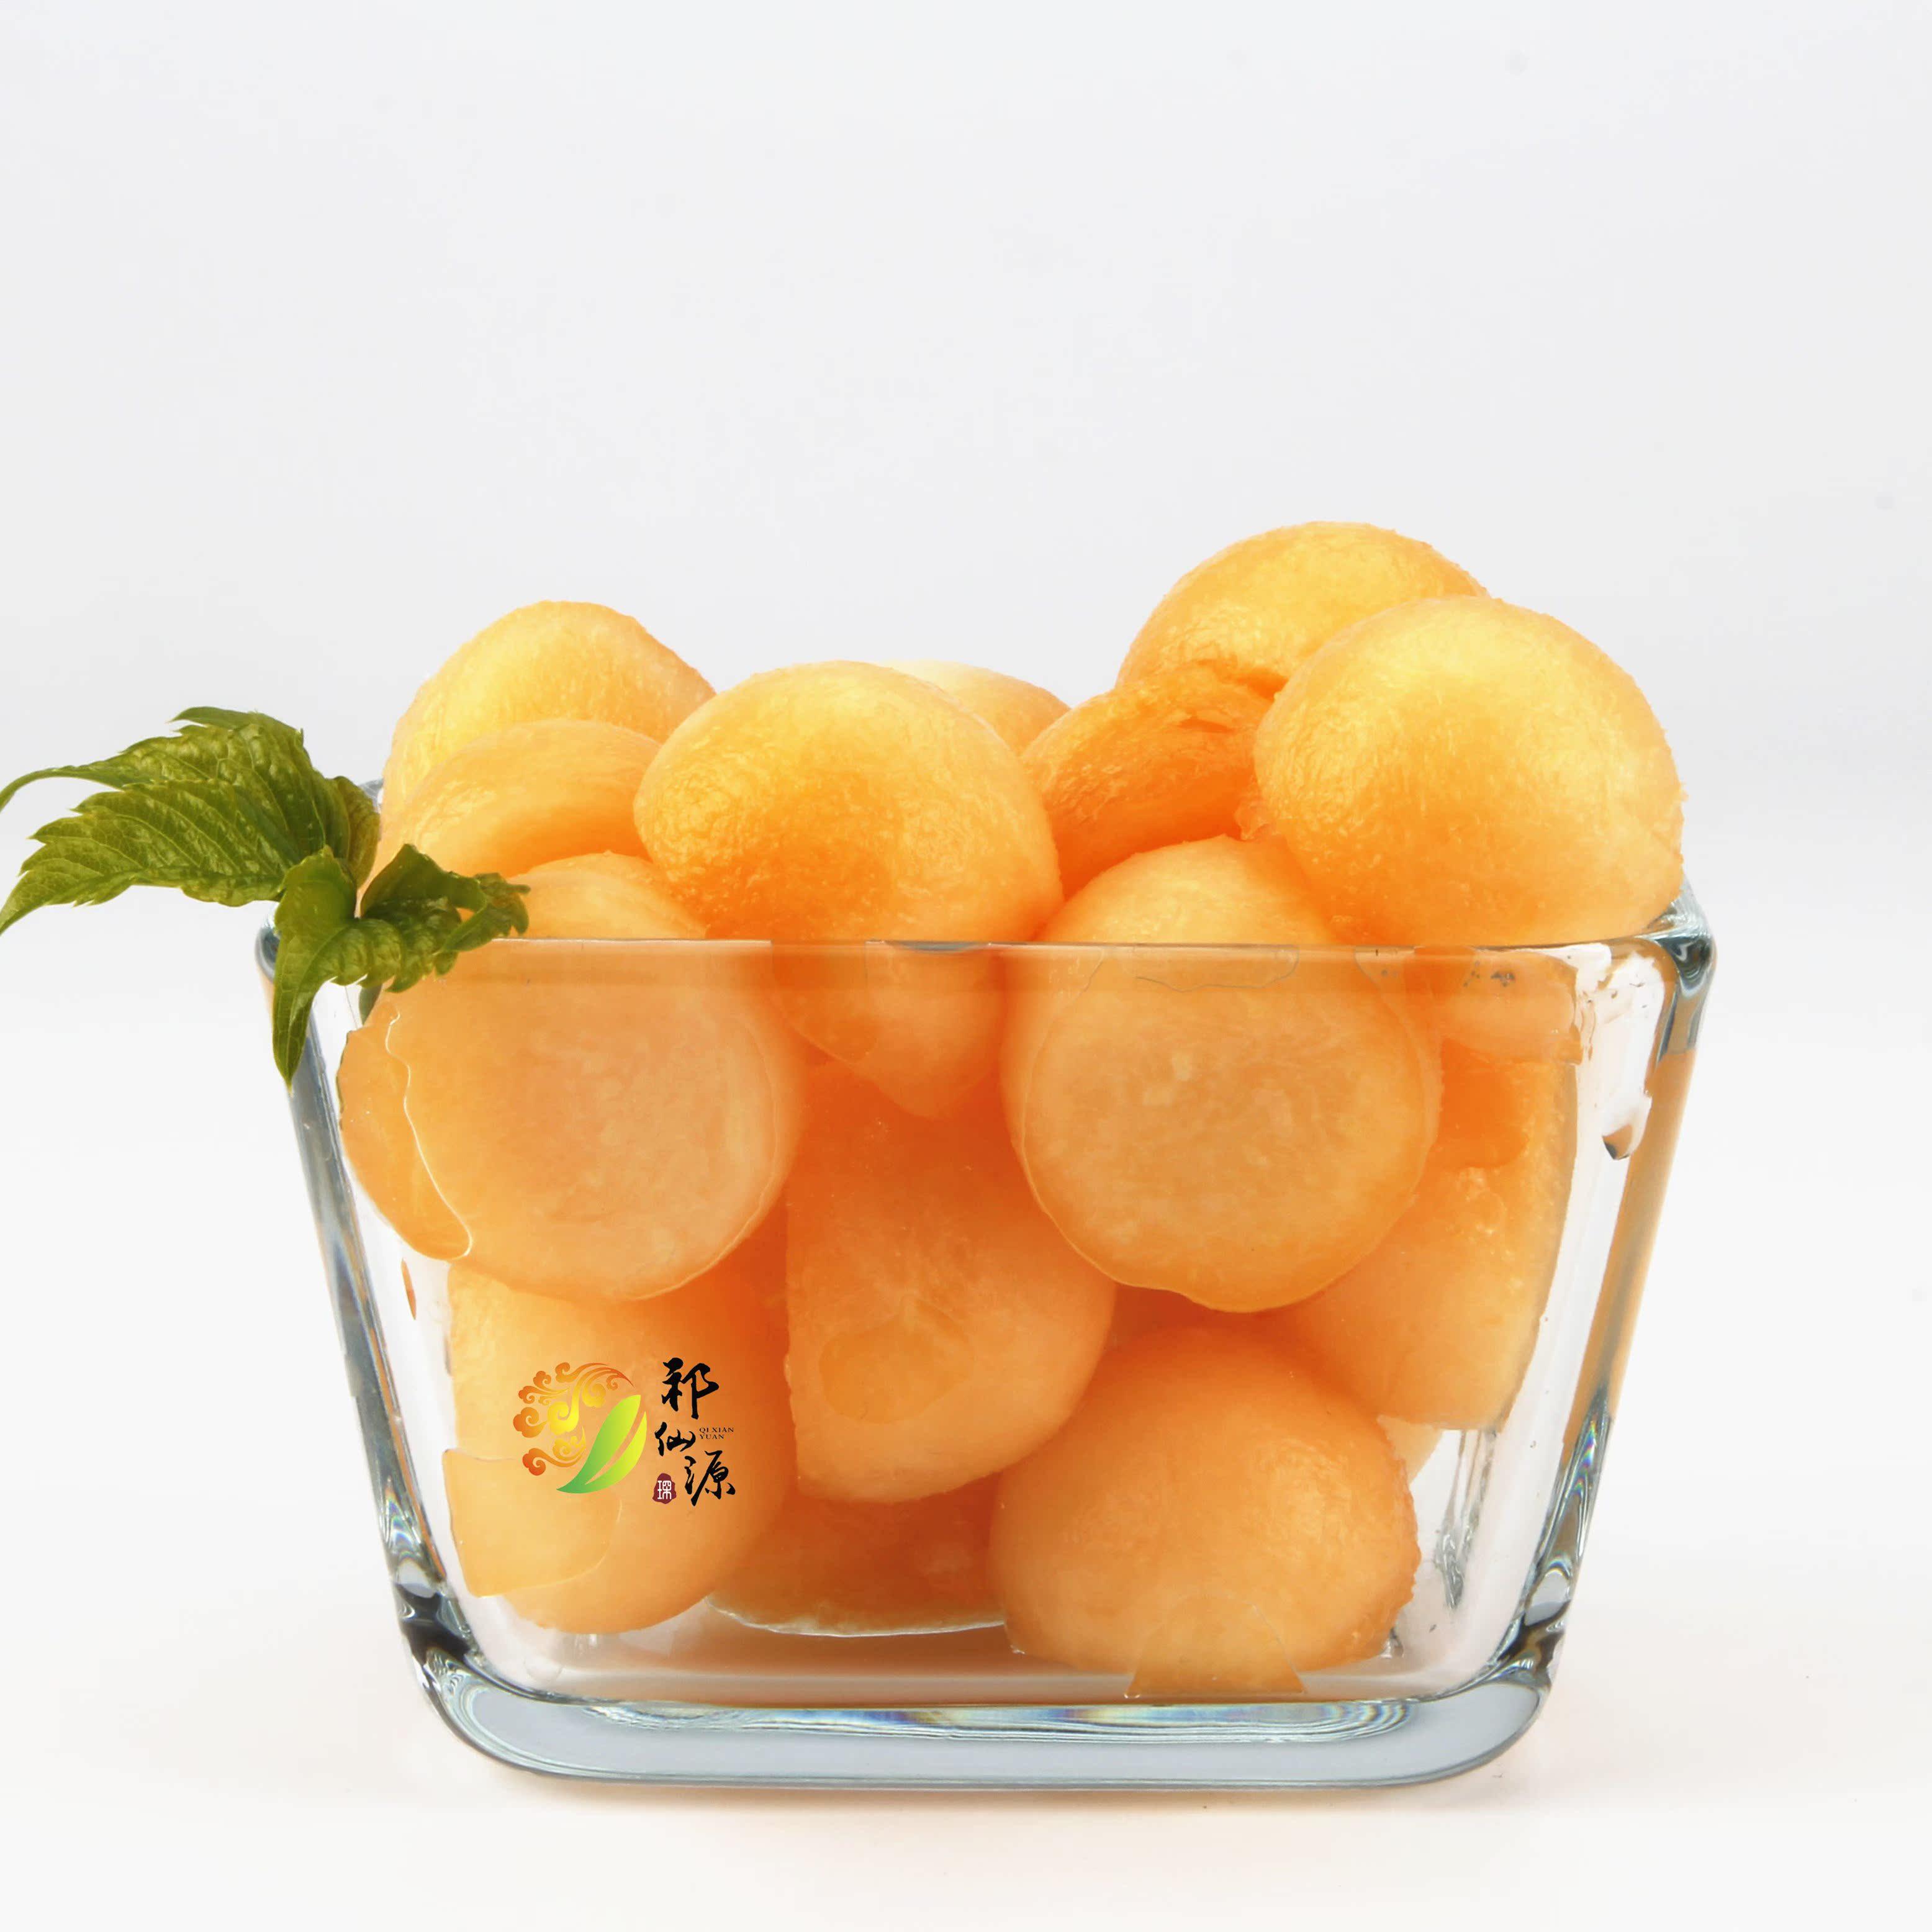 新鲜水果黄河蜜瓜黄金瓜金红宝伊丽莎白香瓜甜瓜非哈密瓜玉姑包邮